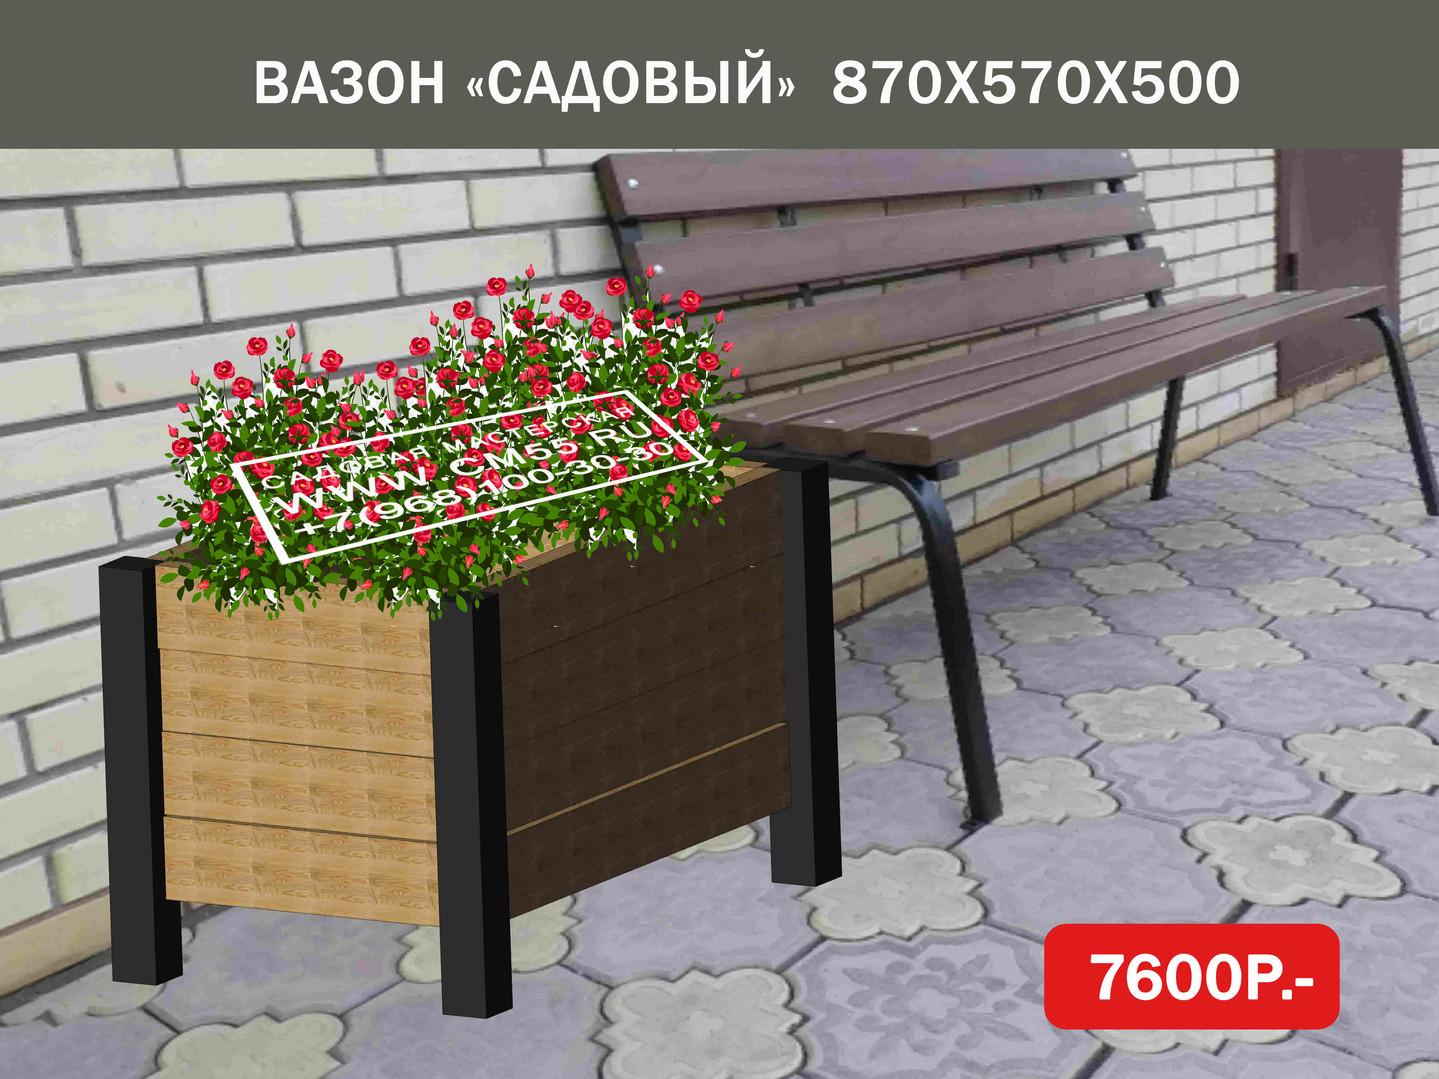 Вазон в Омске